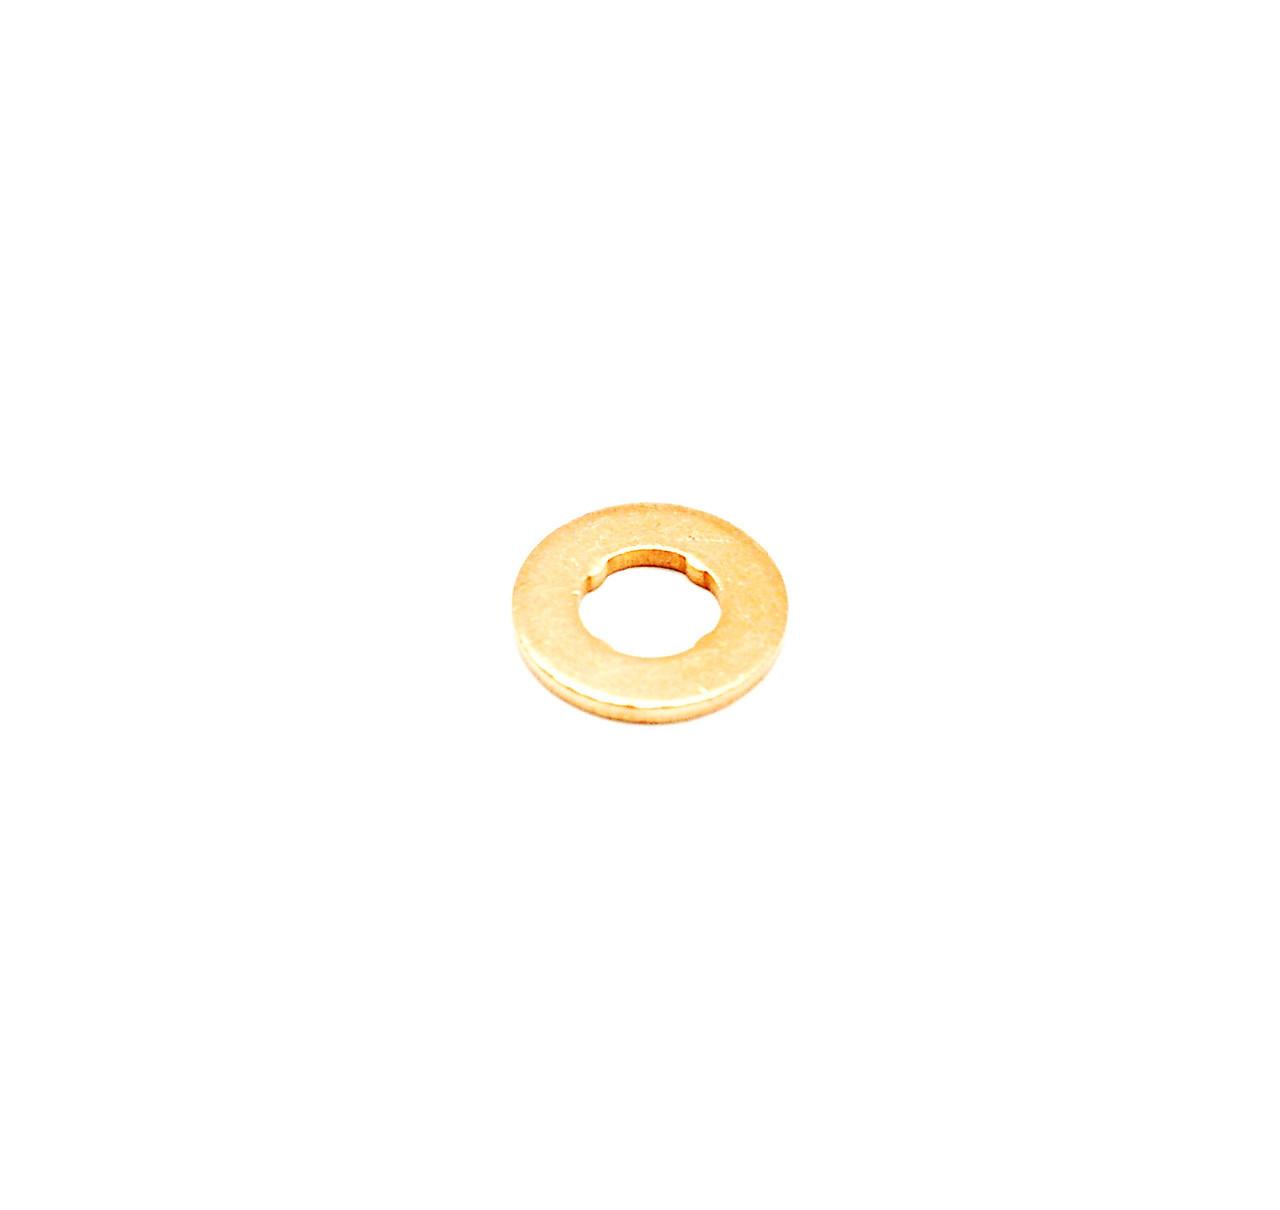 Кольцо уплотнительное (медное) под форсунку Cummins B Series 3937142